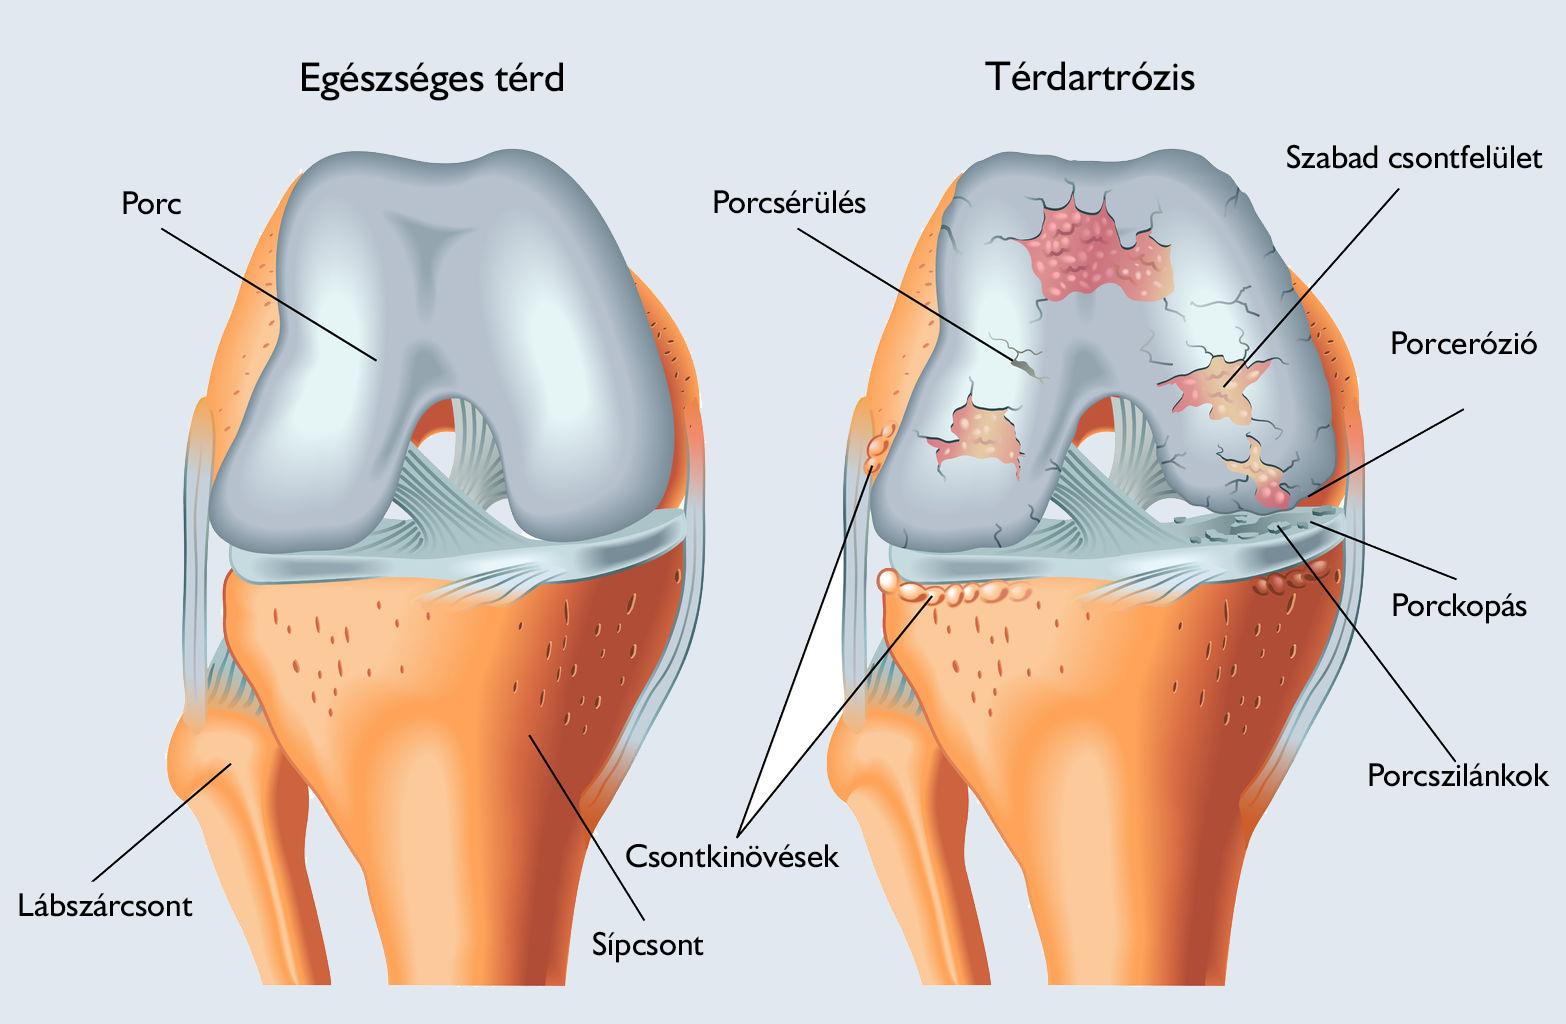 amit nem lehet enni a bokaízület artrózisával hogy a régi időkben hogyan kezelték az artrózist